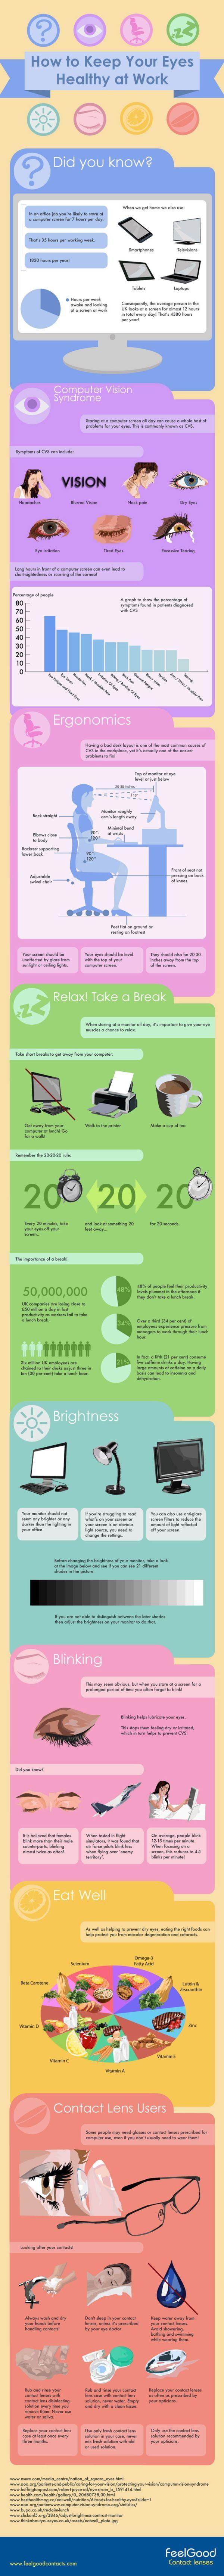 #Infografia ¿Pasas mucho tiempo frente a ordenadores y tabletas? Conoce cómo mantener la salud de tus ojos. #eSalud #tecnologia